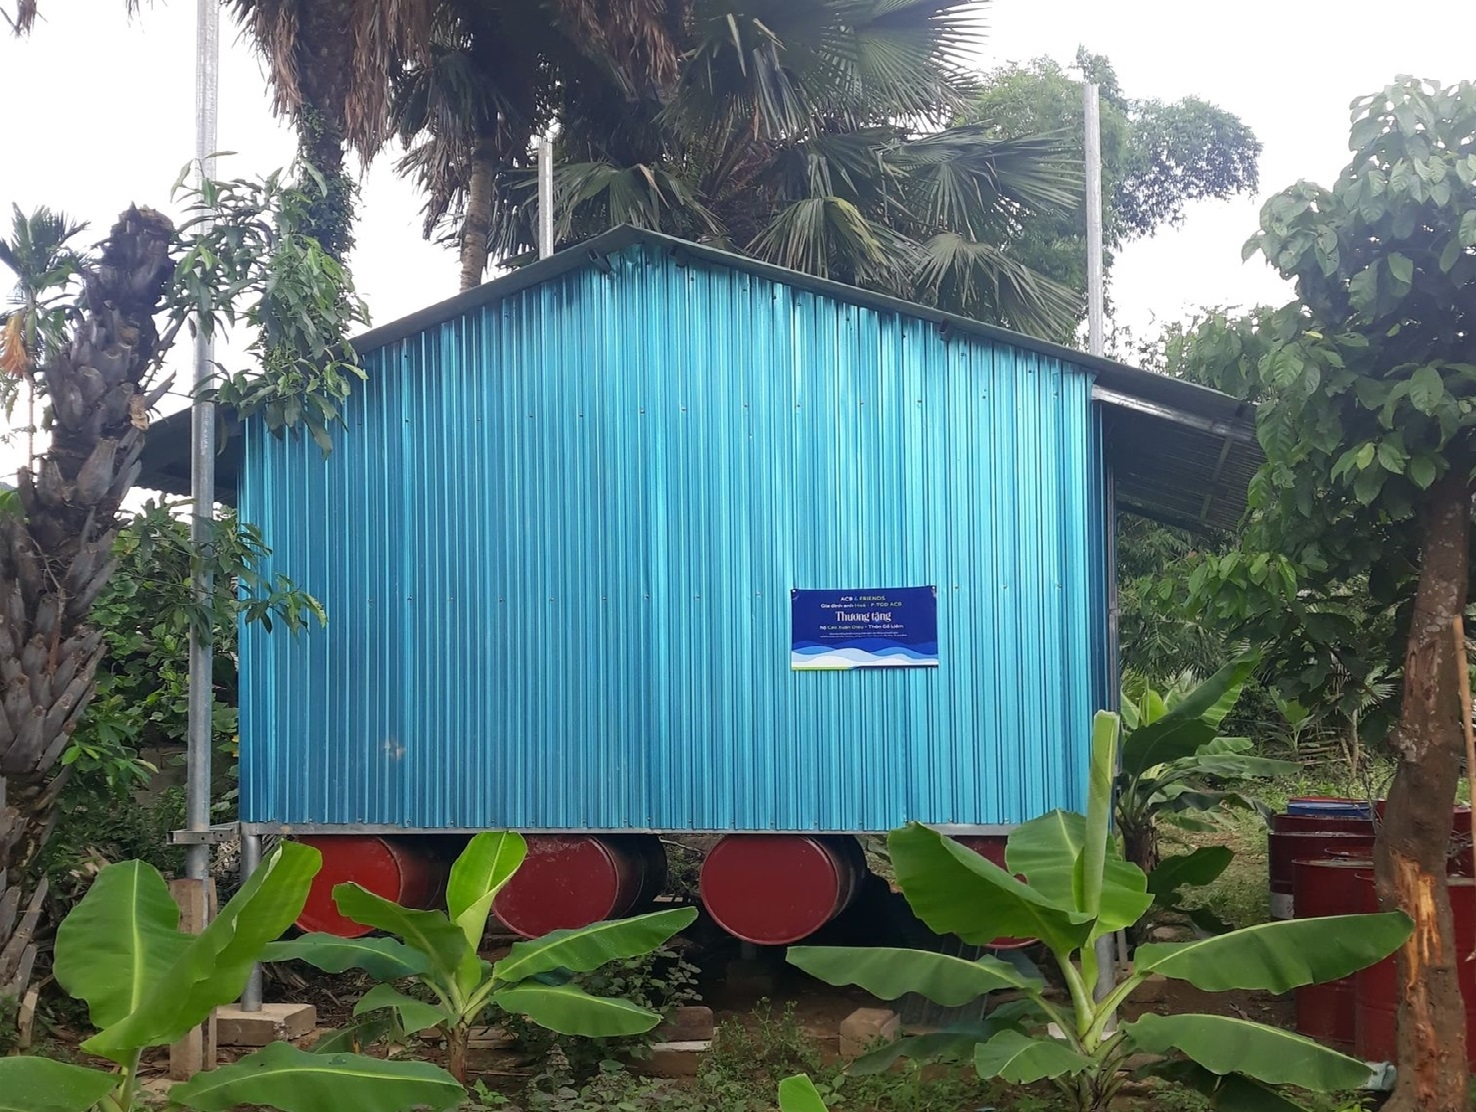 Kết cấu nhà nổi của người dân ở Tân Hóa làm bằng thép, có hệ thống thùng phi ở đáy nhà, mái che và vắch ngăn làm bằng tôn